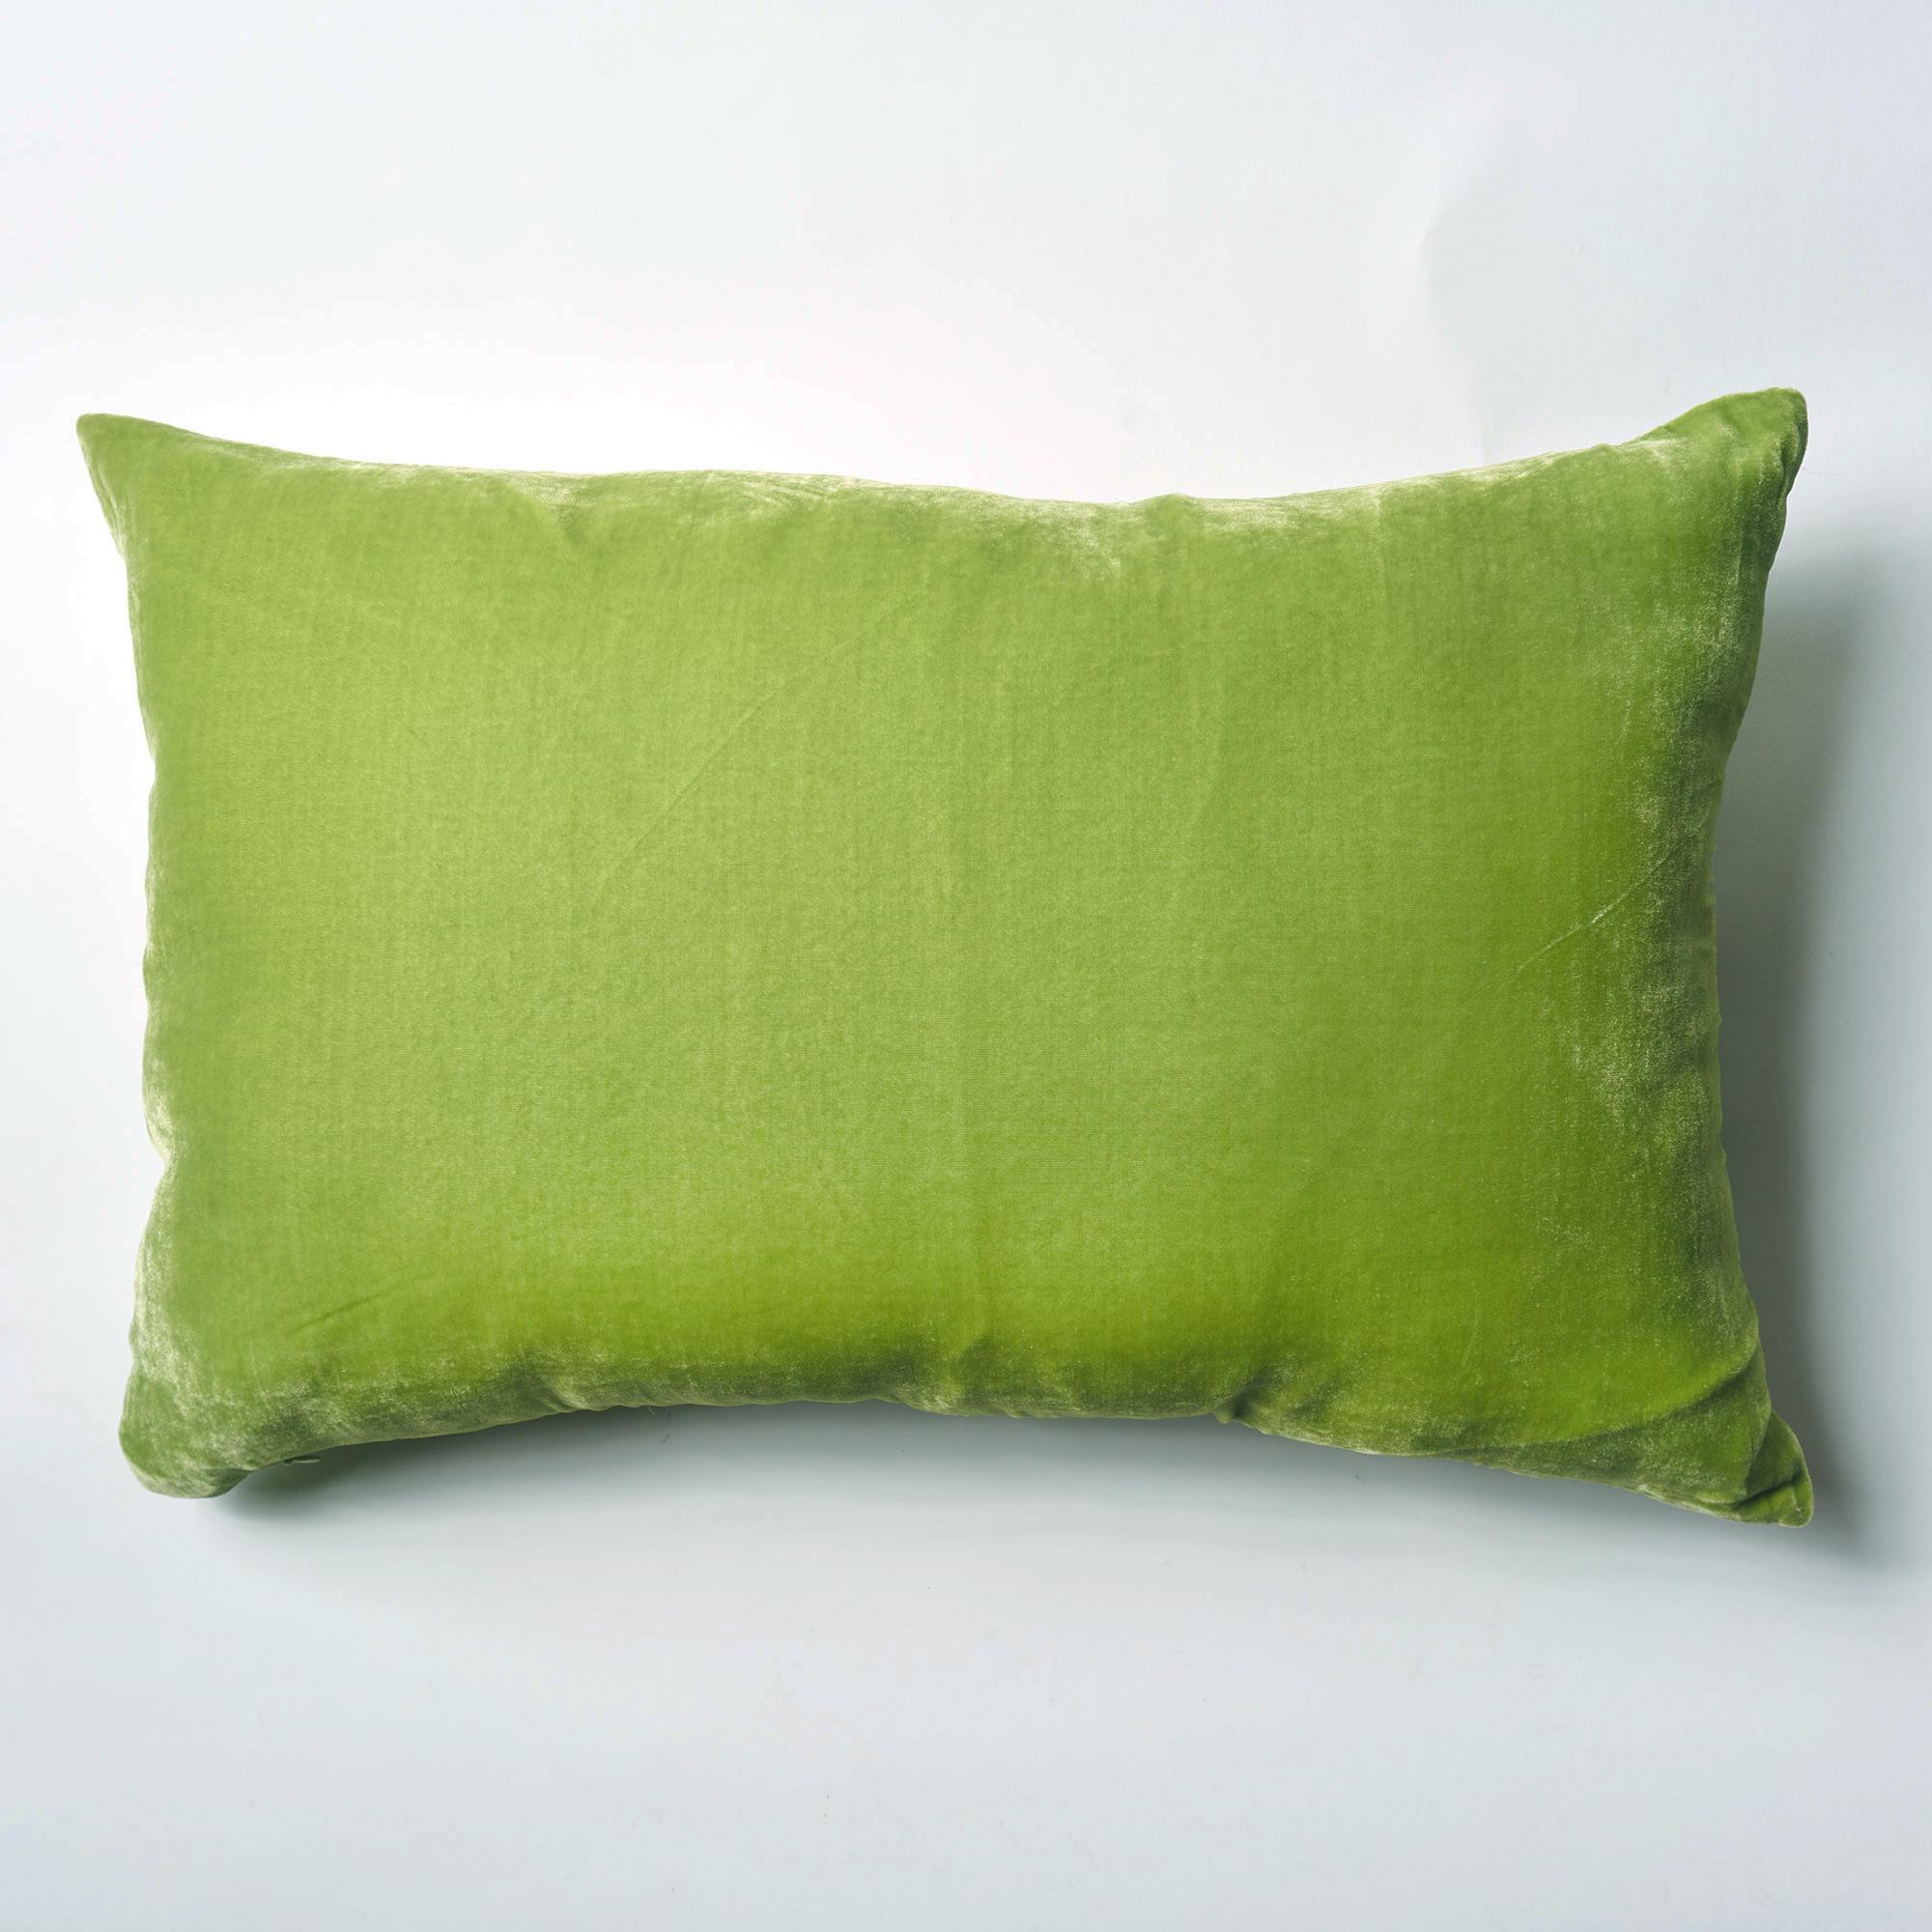 SALE! Almohadón de terciopelo, rectangular, verde manzana